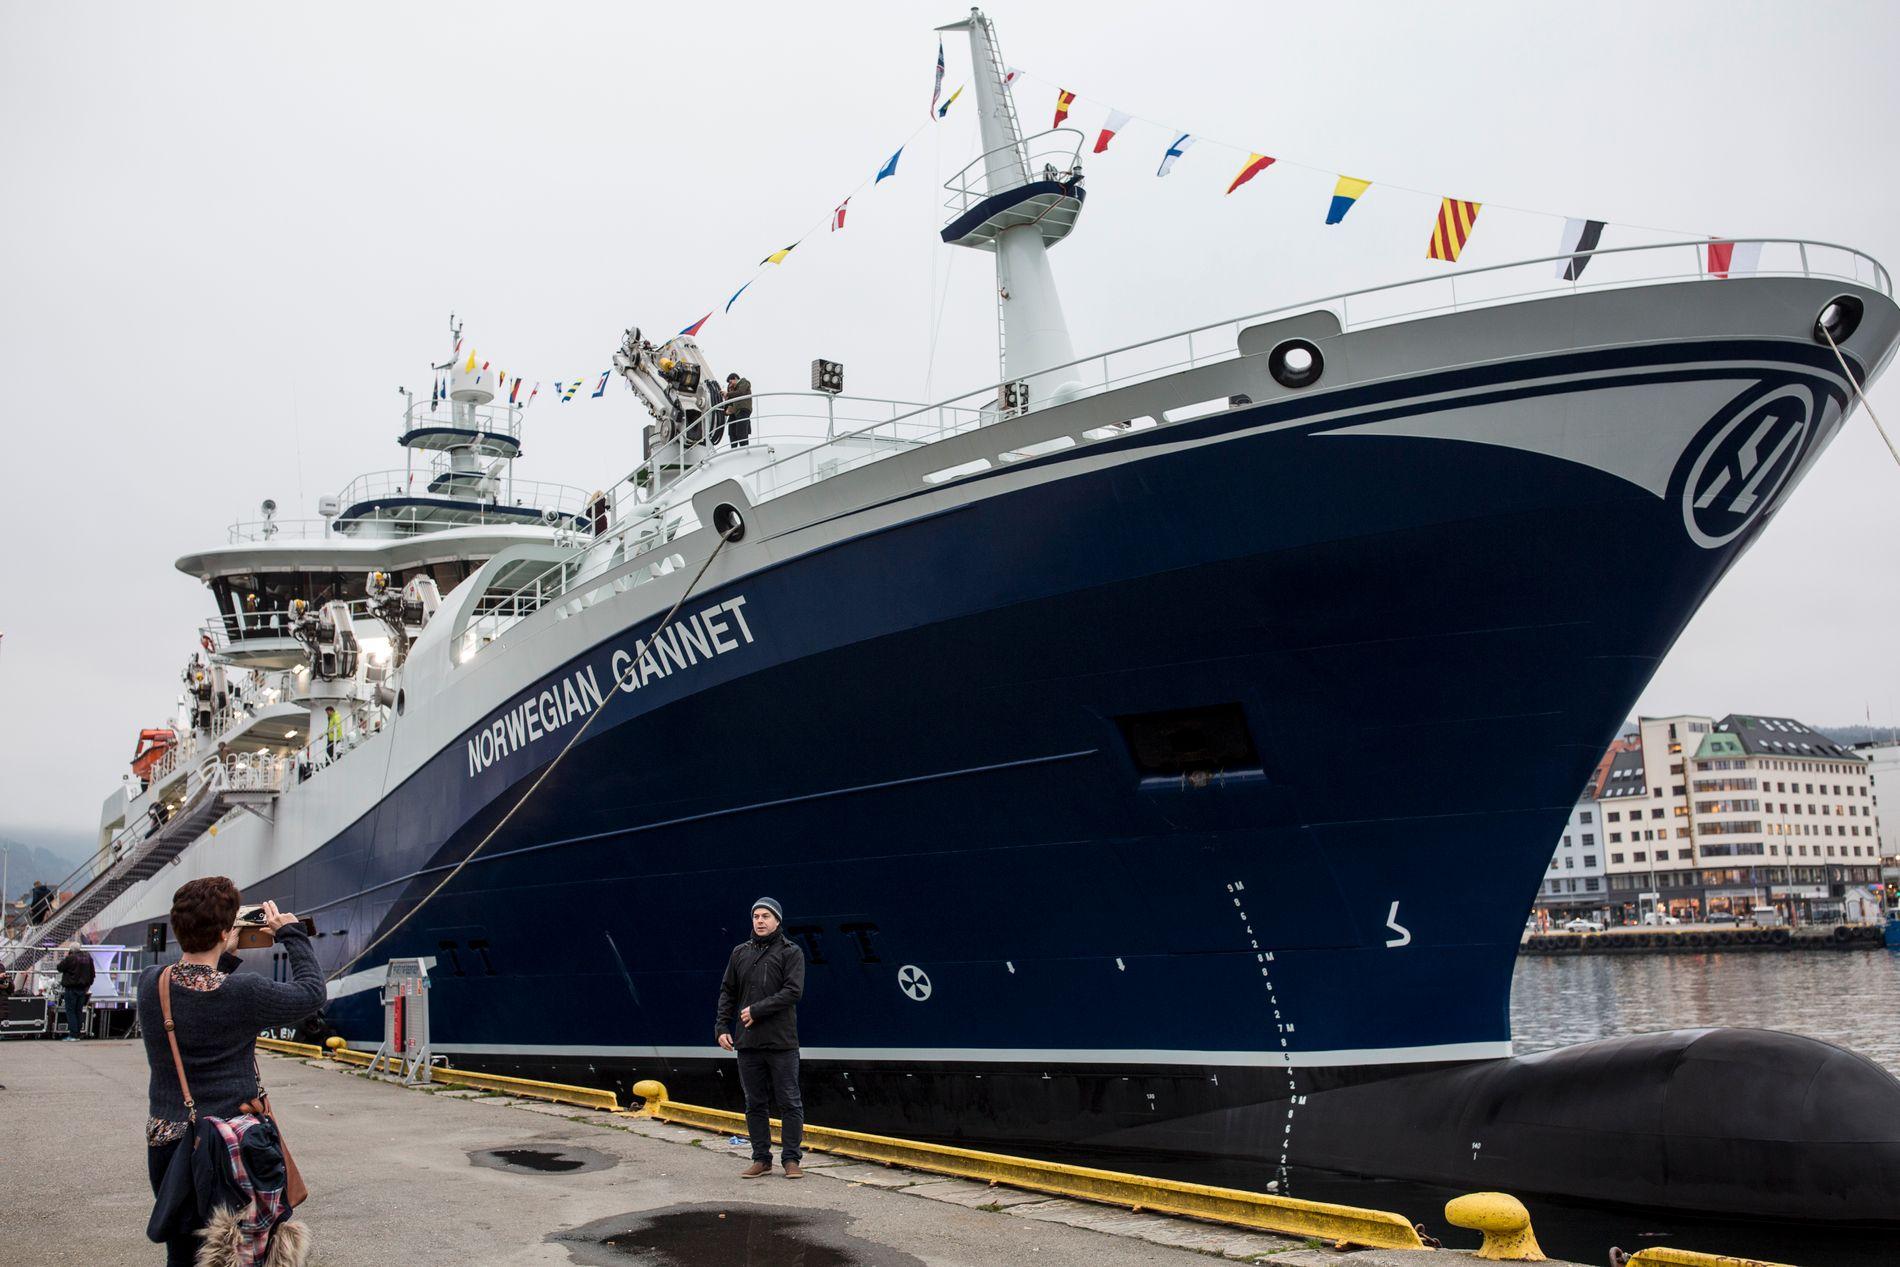 NYVINNING: Skipet «Norwegian Gannet» er bra for dyrevelferd, klimaet og effektiviteten i norsk oppdrettsbransje. Men for norske brønnbåtar og lakseslakteri er han dårleg nytt. Difor møter han no kraftig motstand, òg frå regjeringa, skriv BT-kommentator Hans K. Mjelva.